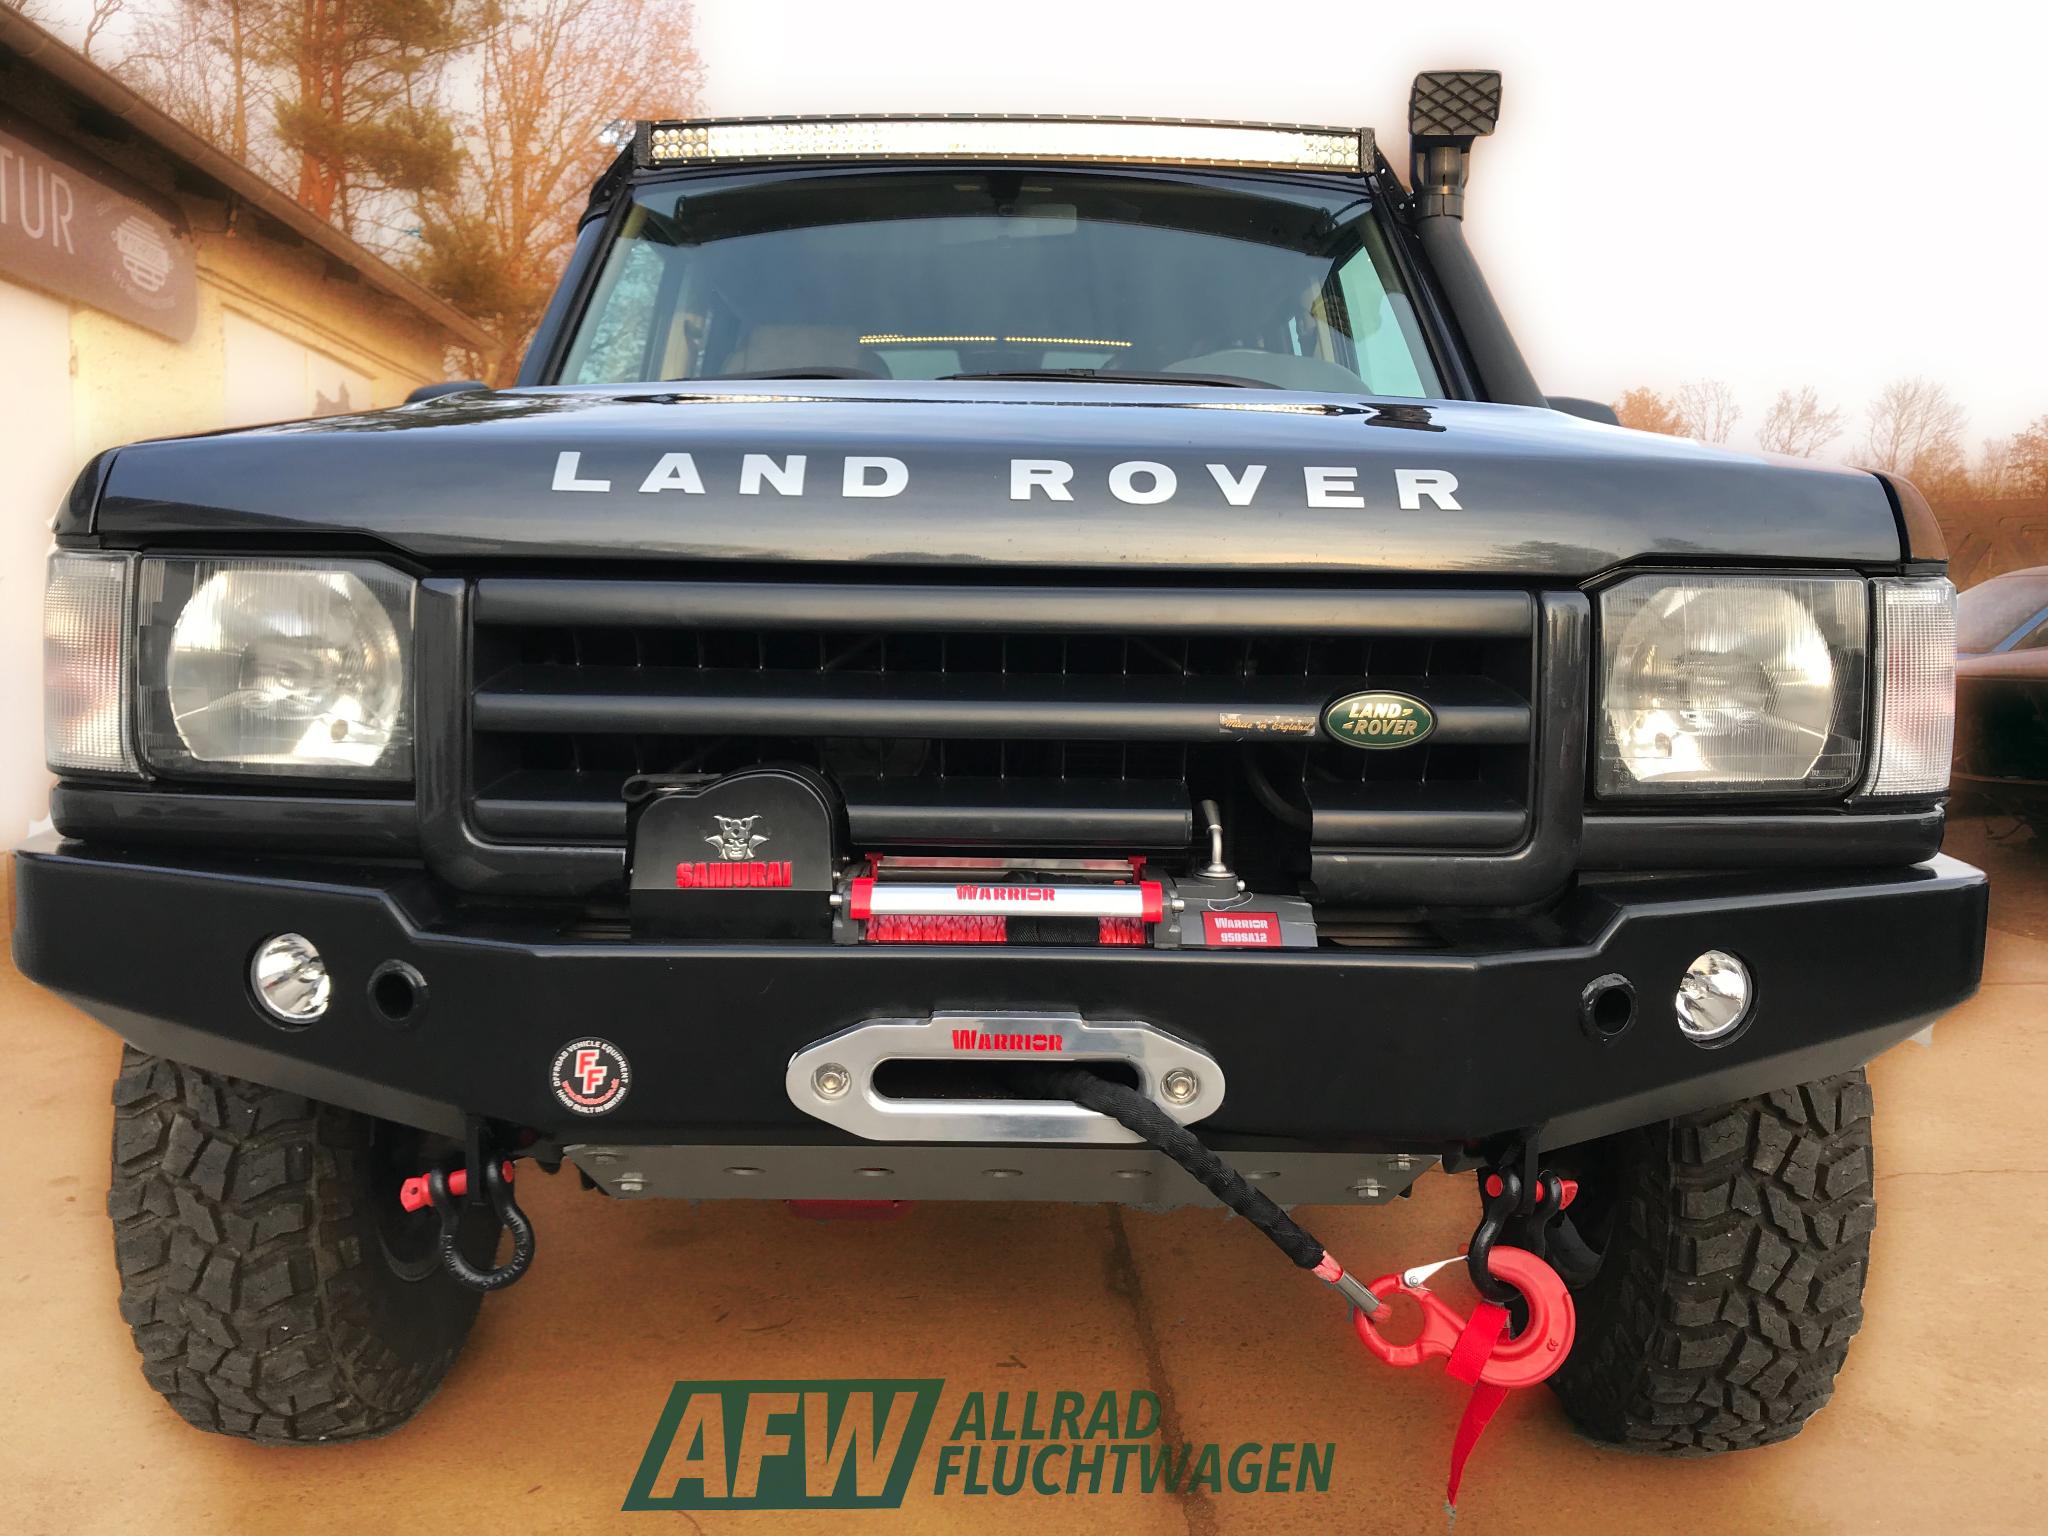 Discovery 2 Overlander Von Allradfluchtwagen Land Rover Land